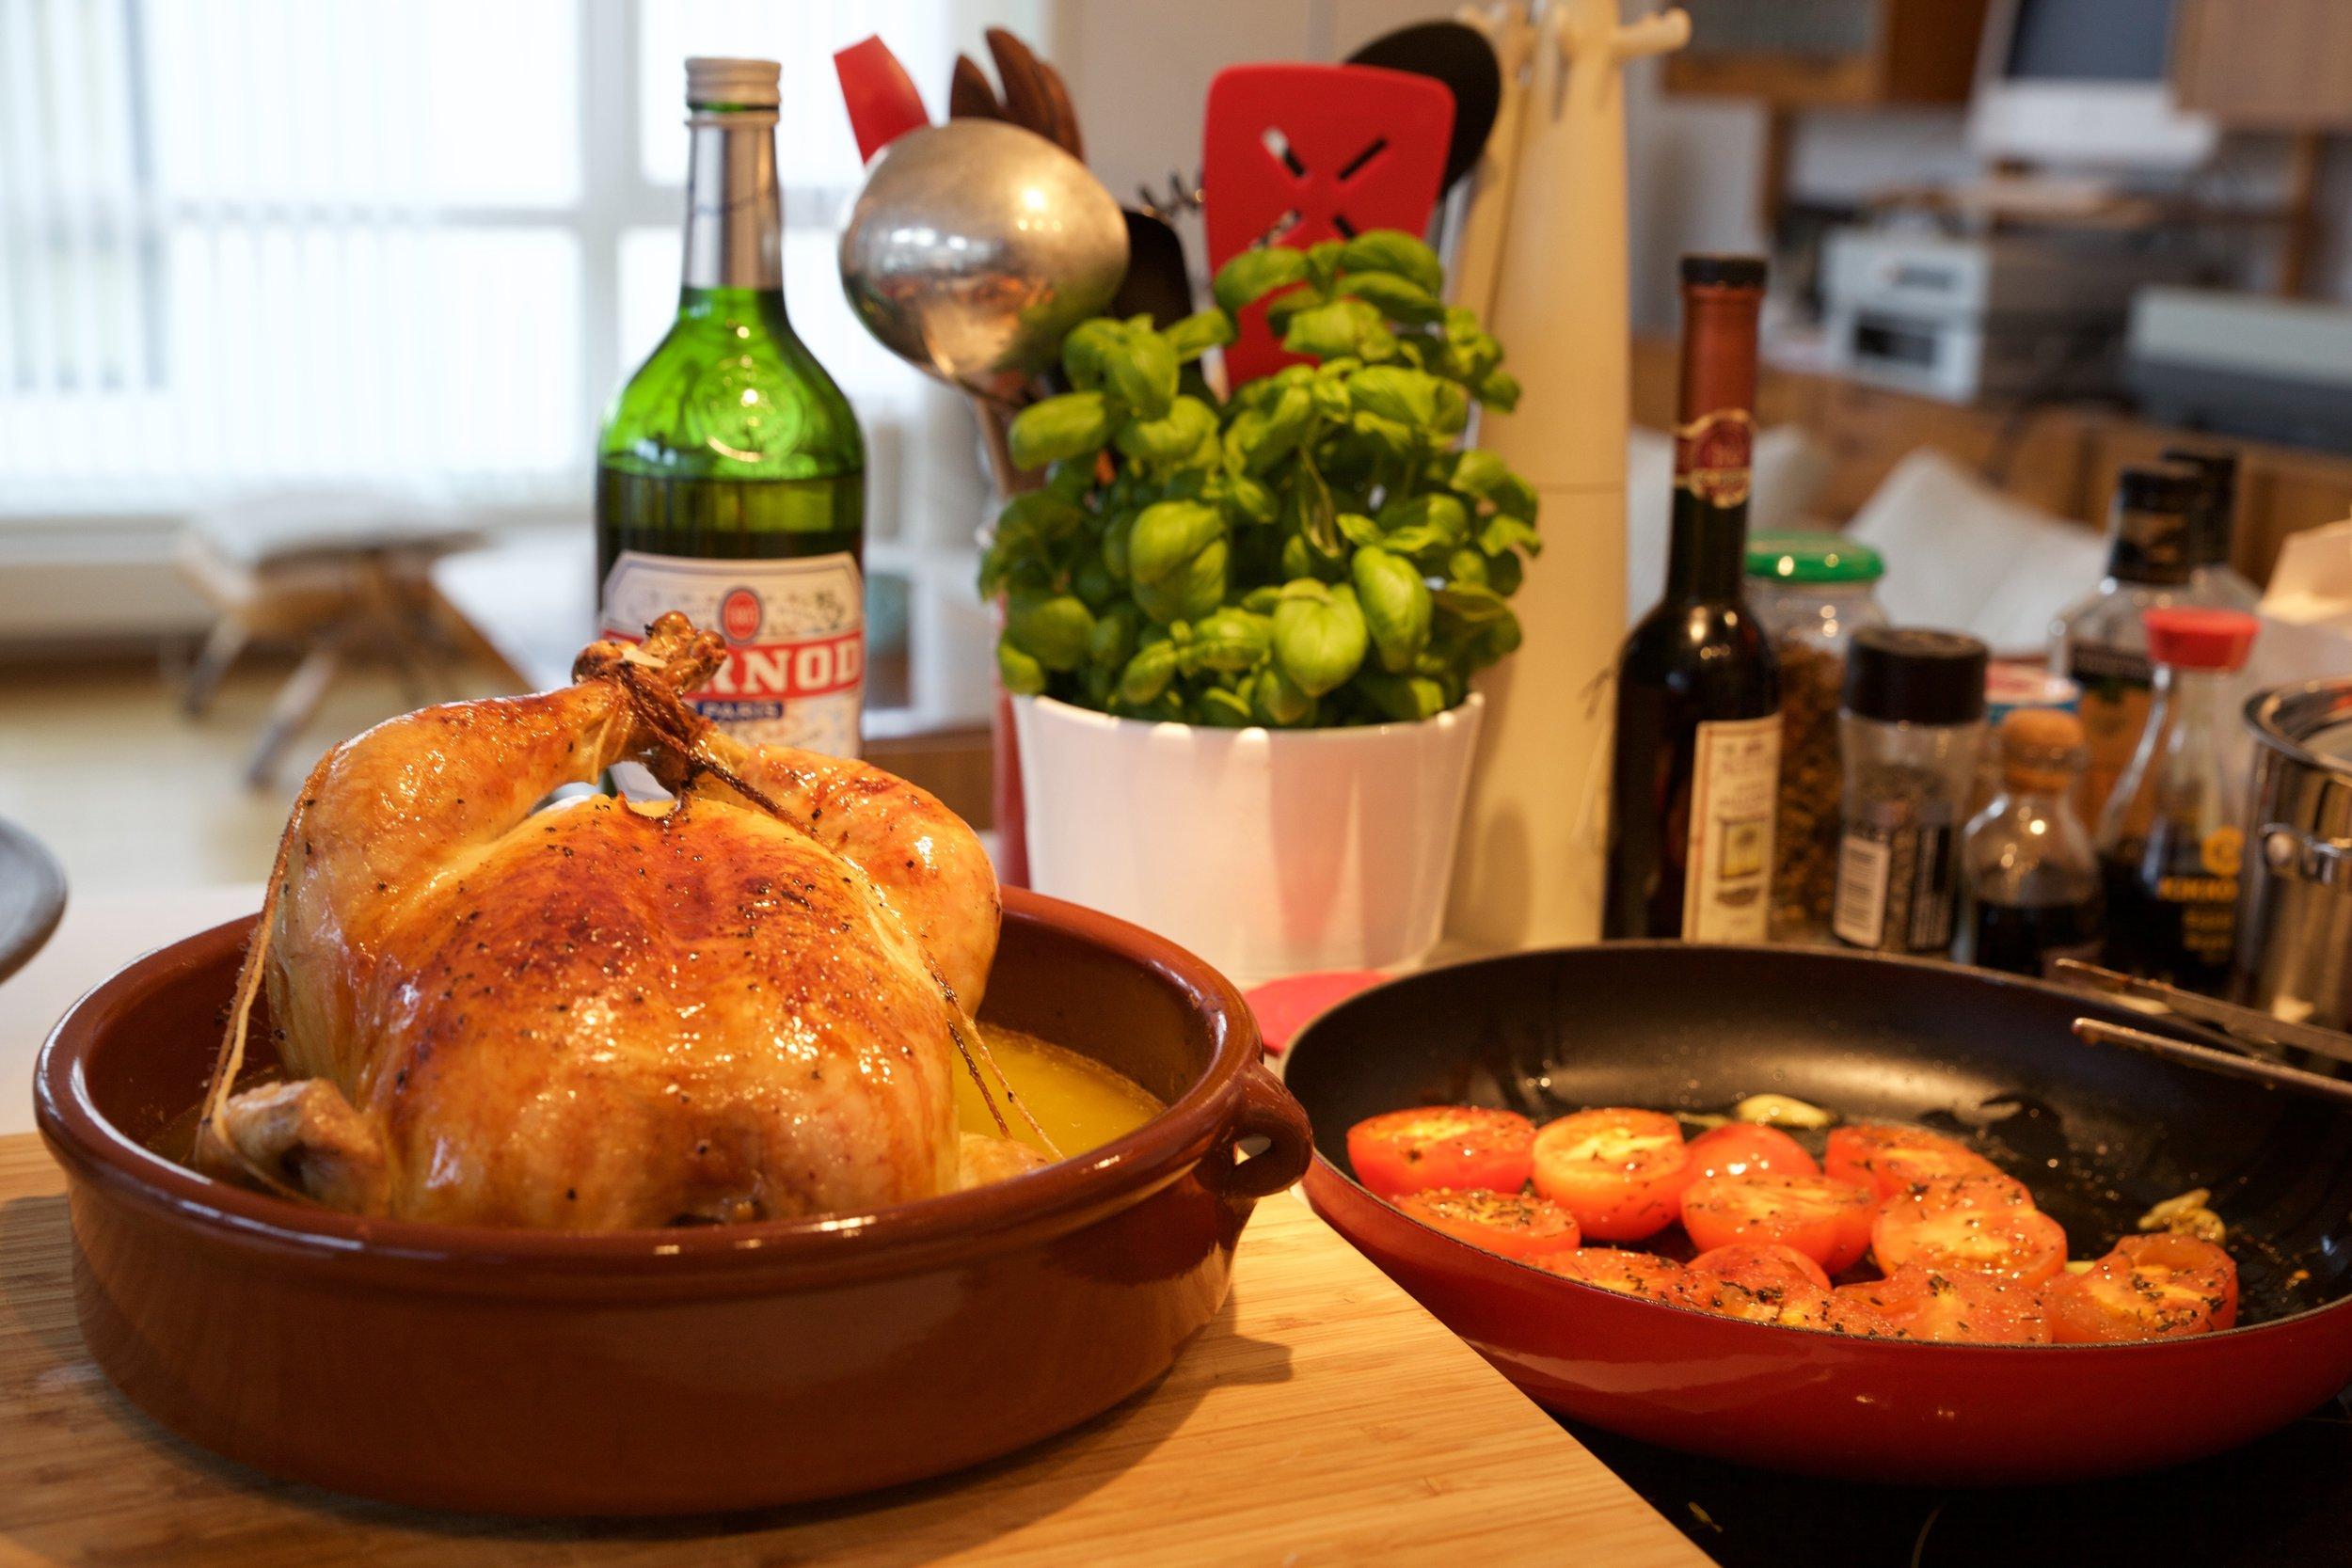 Flambert Pernod-kylling